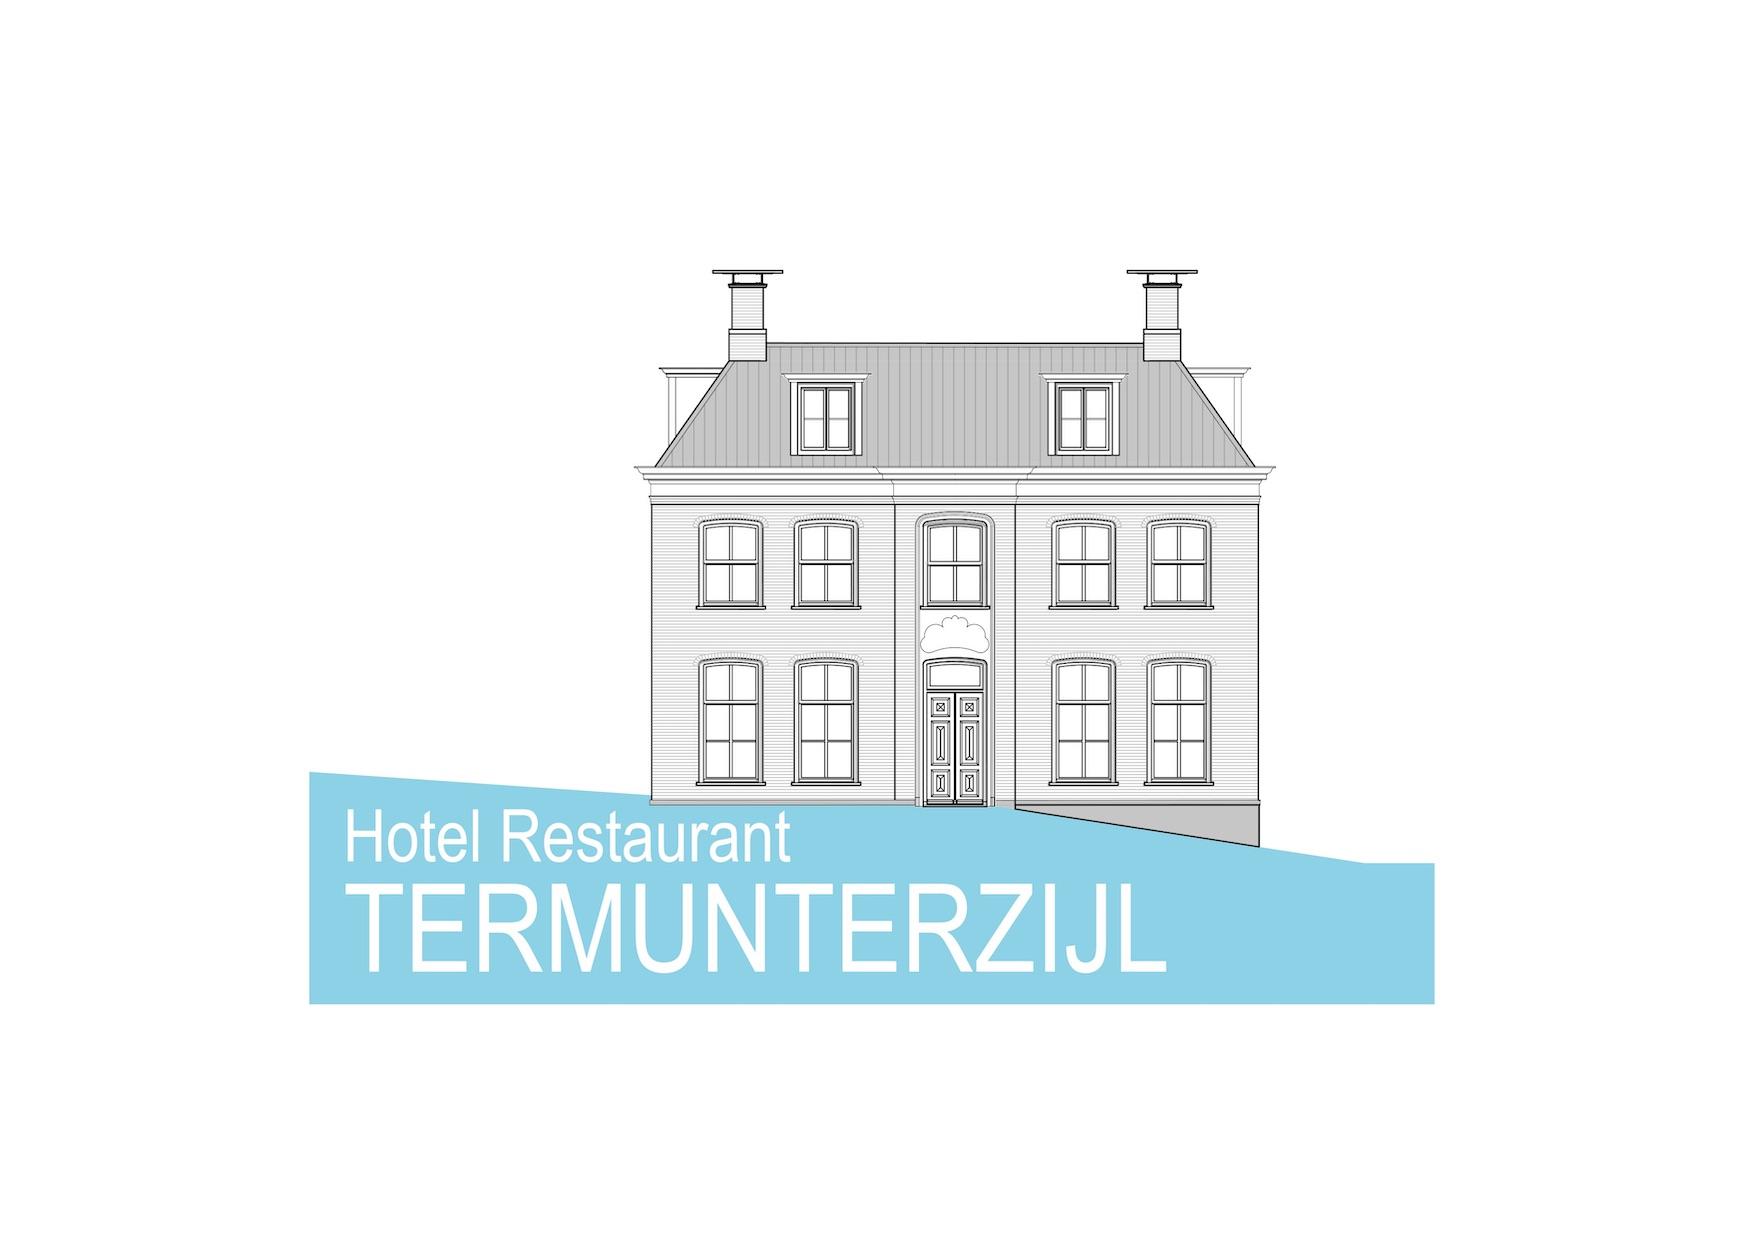 Hotel Termunterzijl